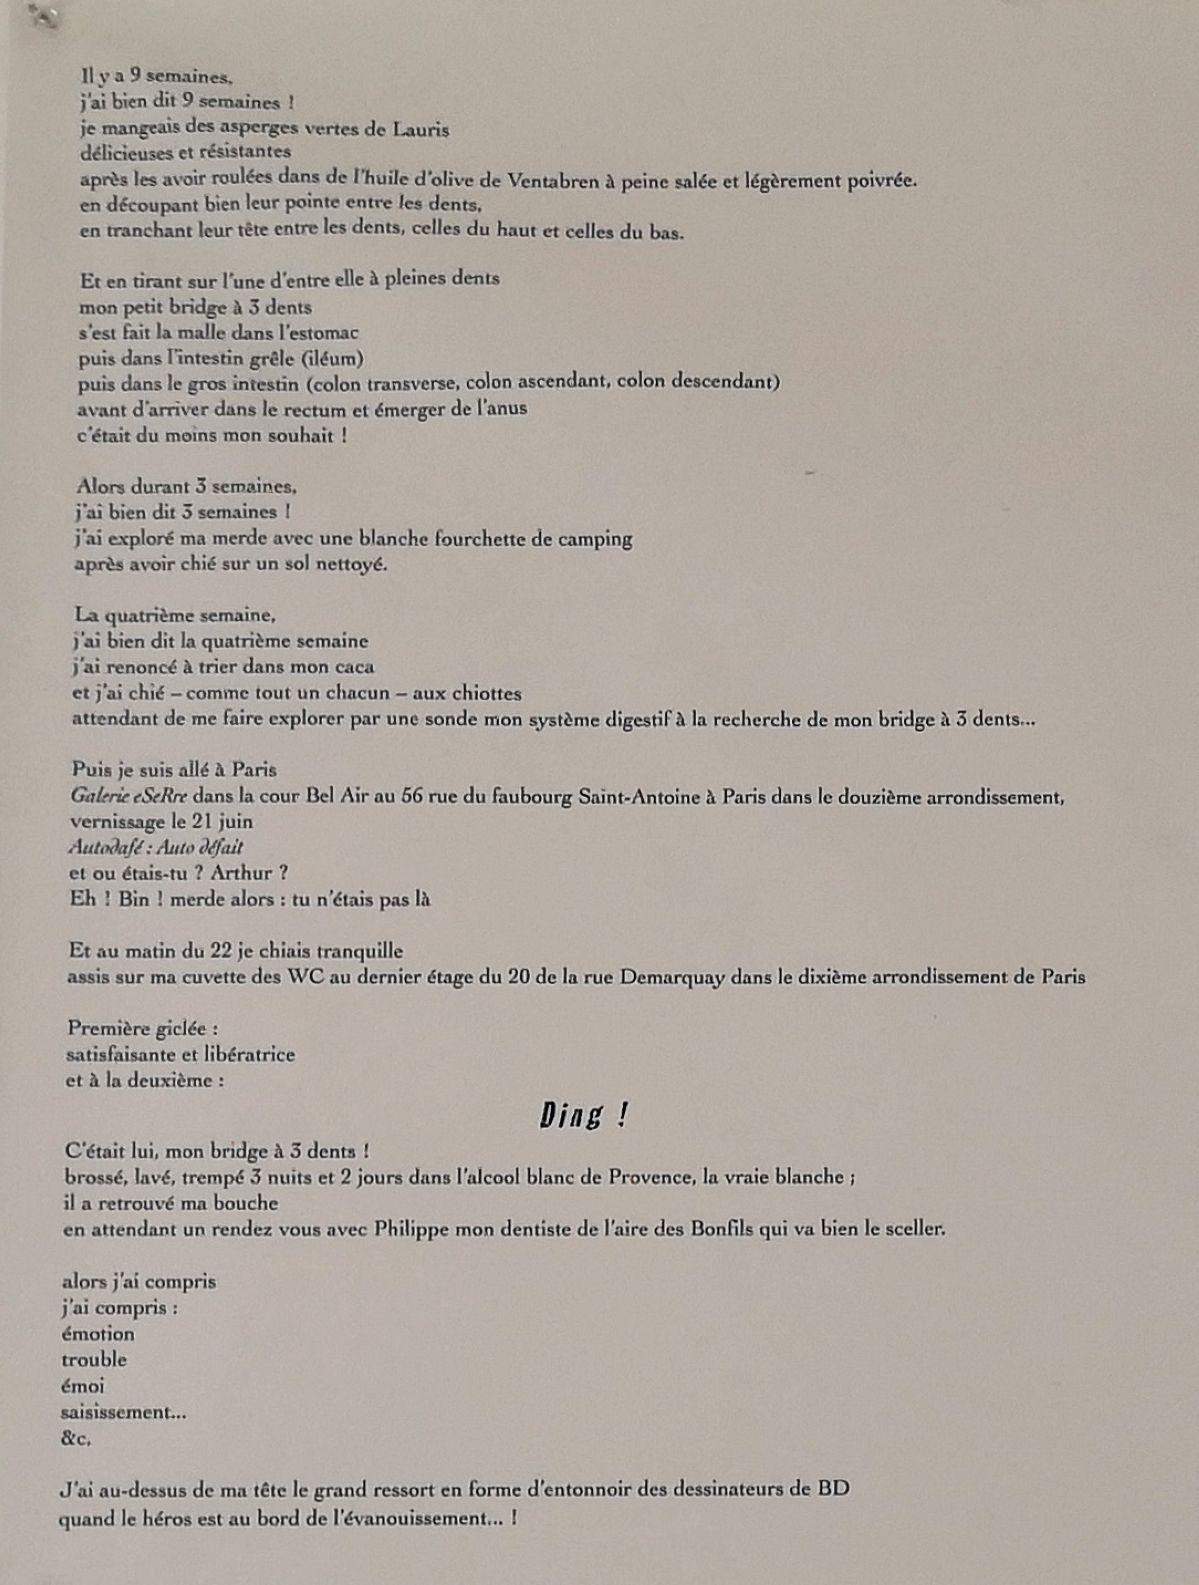 Julien Blaine - Explication de la lettre au directeur des Messageries maritimes (lettre d'Arthur Rimbaud dictée à Isabelle Rimbaud) - Le Grand Dépotoir à la Friche Le Belle de Mai